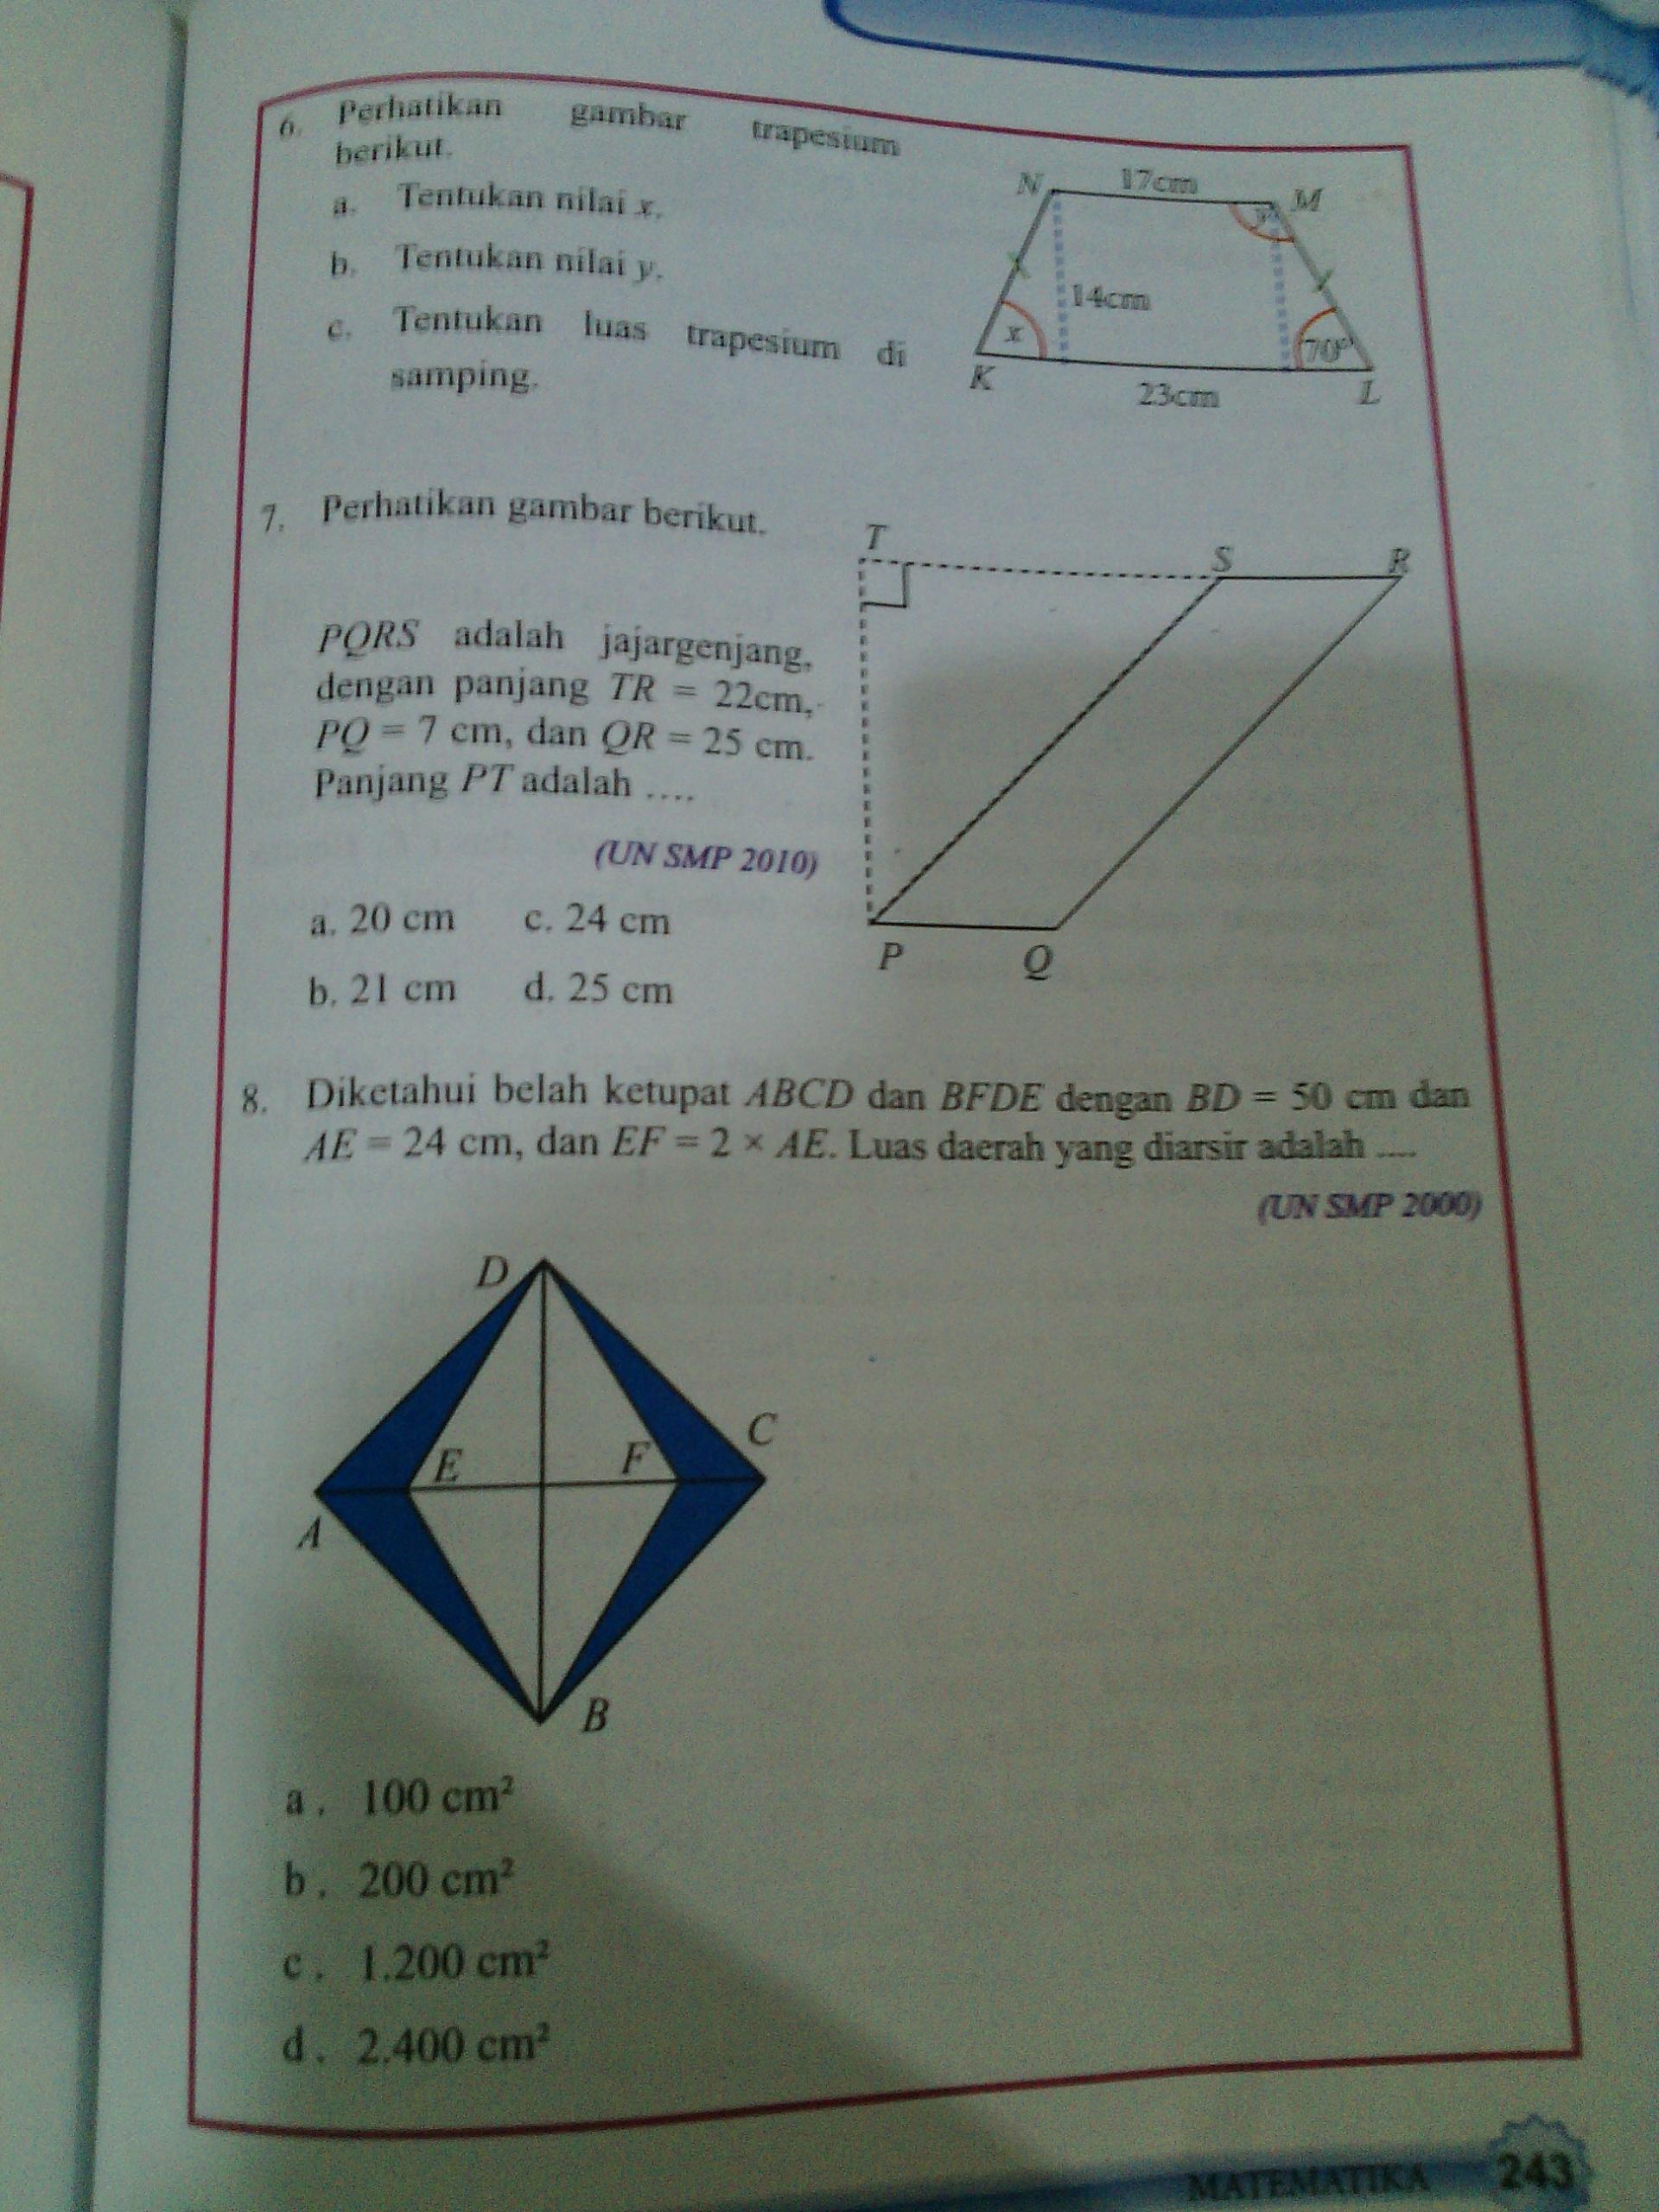 Jawaban Soal Mtk Kelas 7 Hal 242 244 Ayo Kita Berlatih 8 4 Dari No 6 15 Aja Brainly Co Id